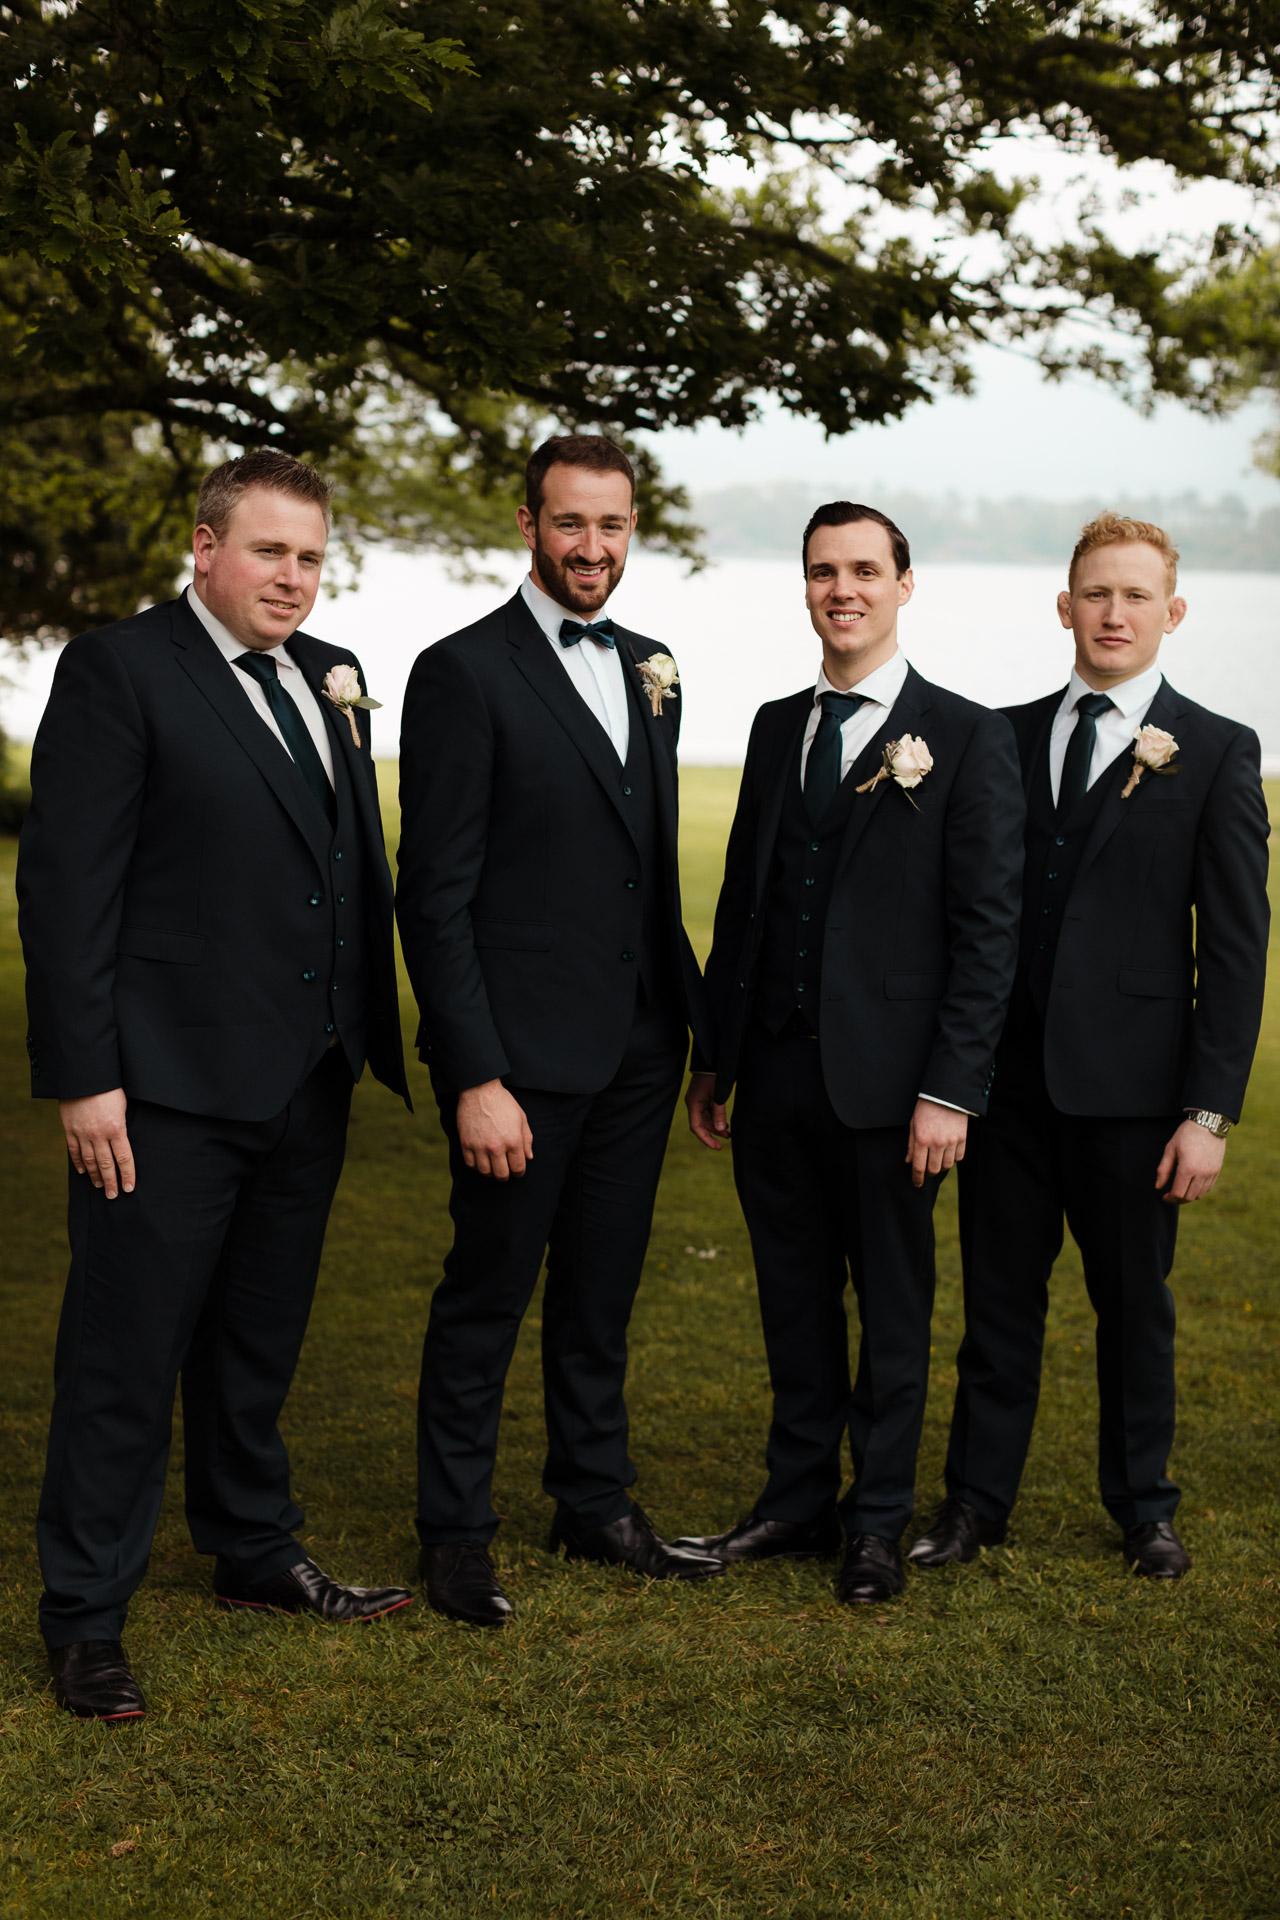 blacktie groomsmen